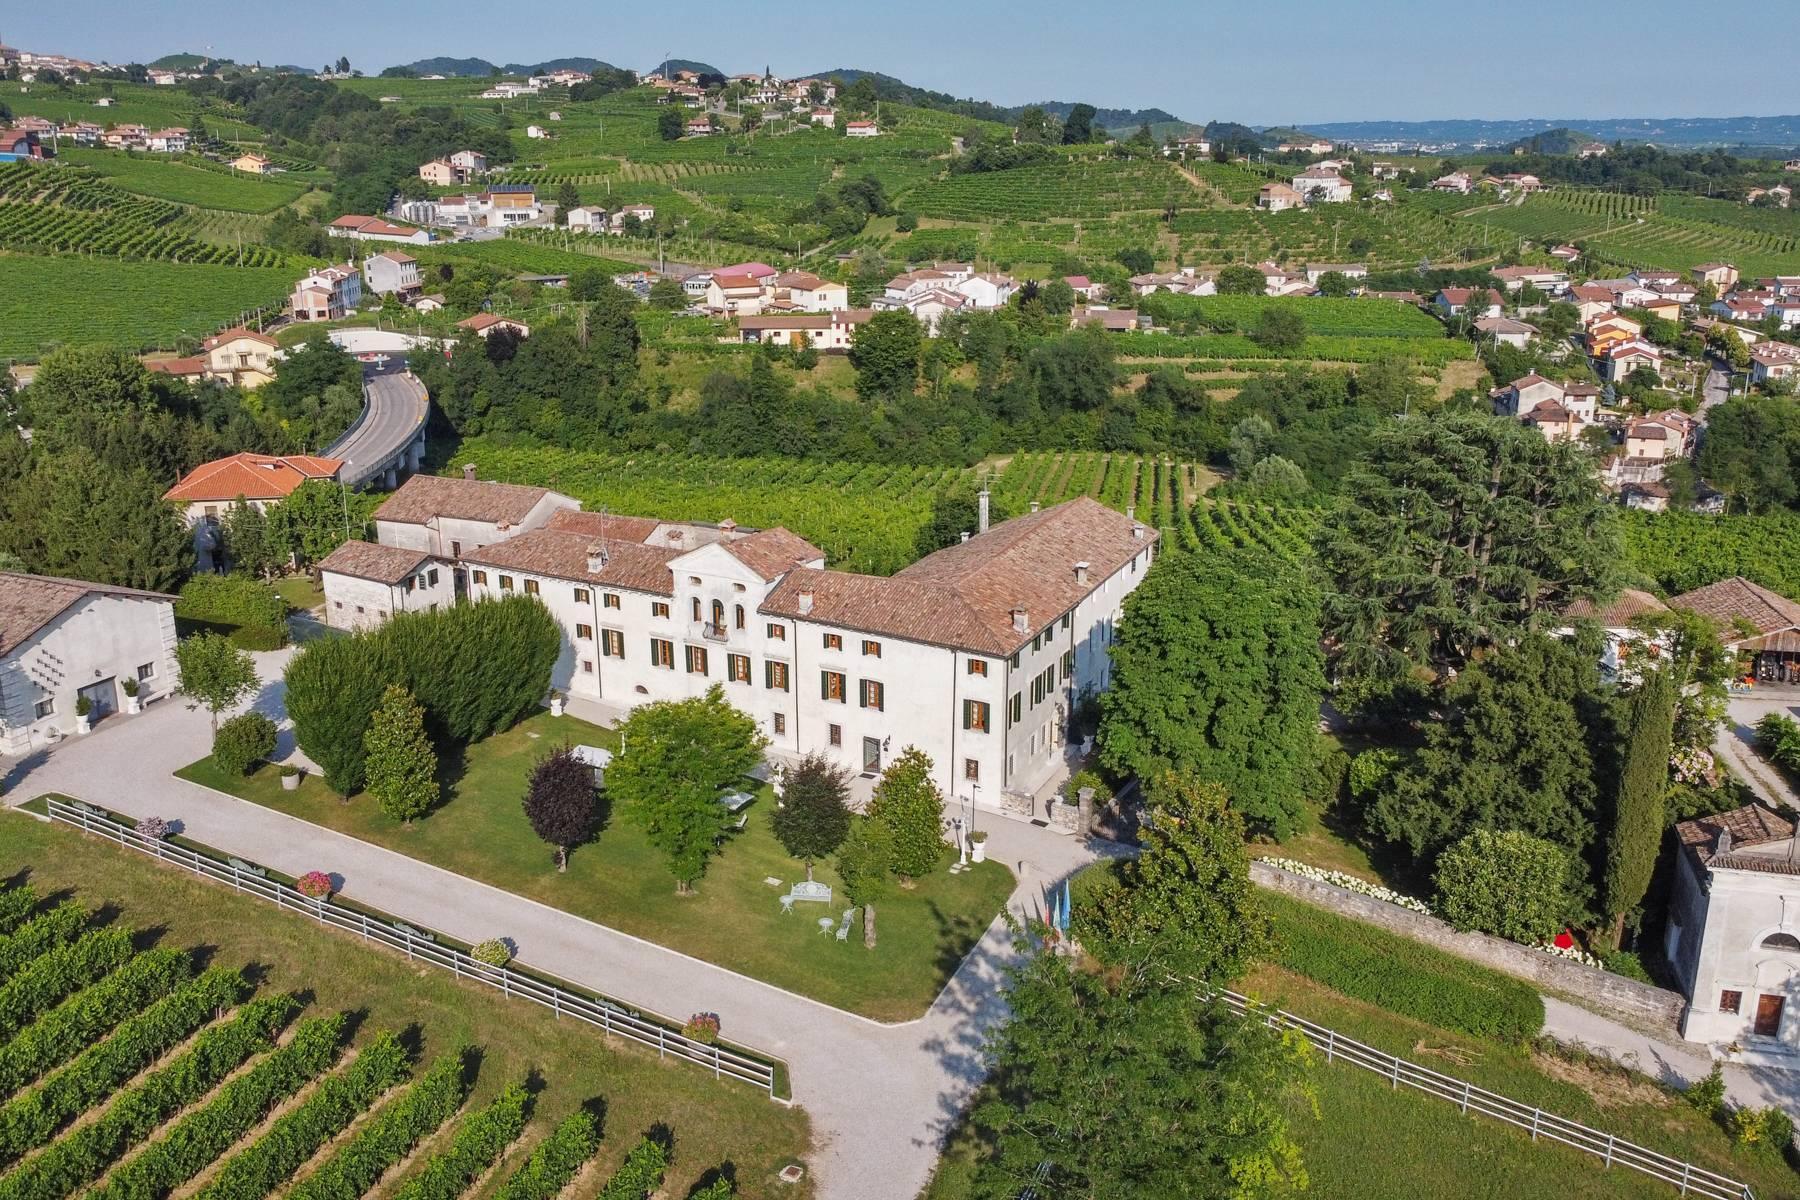 Renovierte Villa mit Park auf dem Land des Unesco-Gebiets - 36